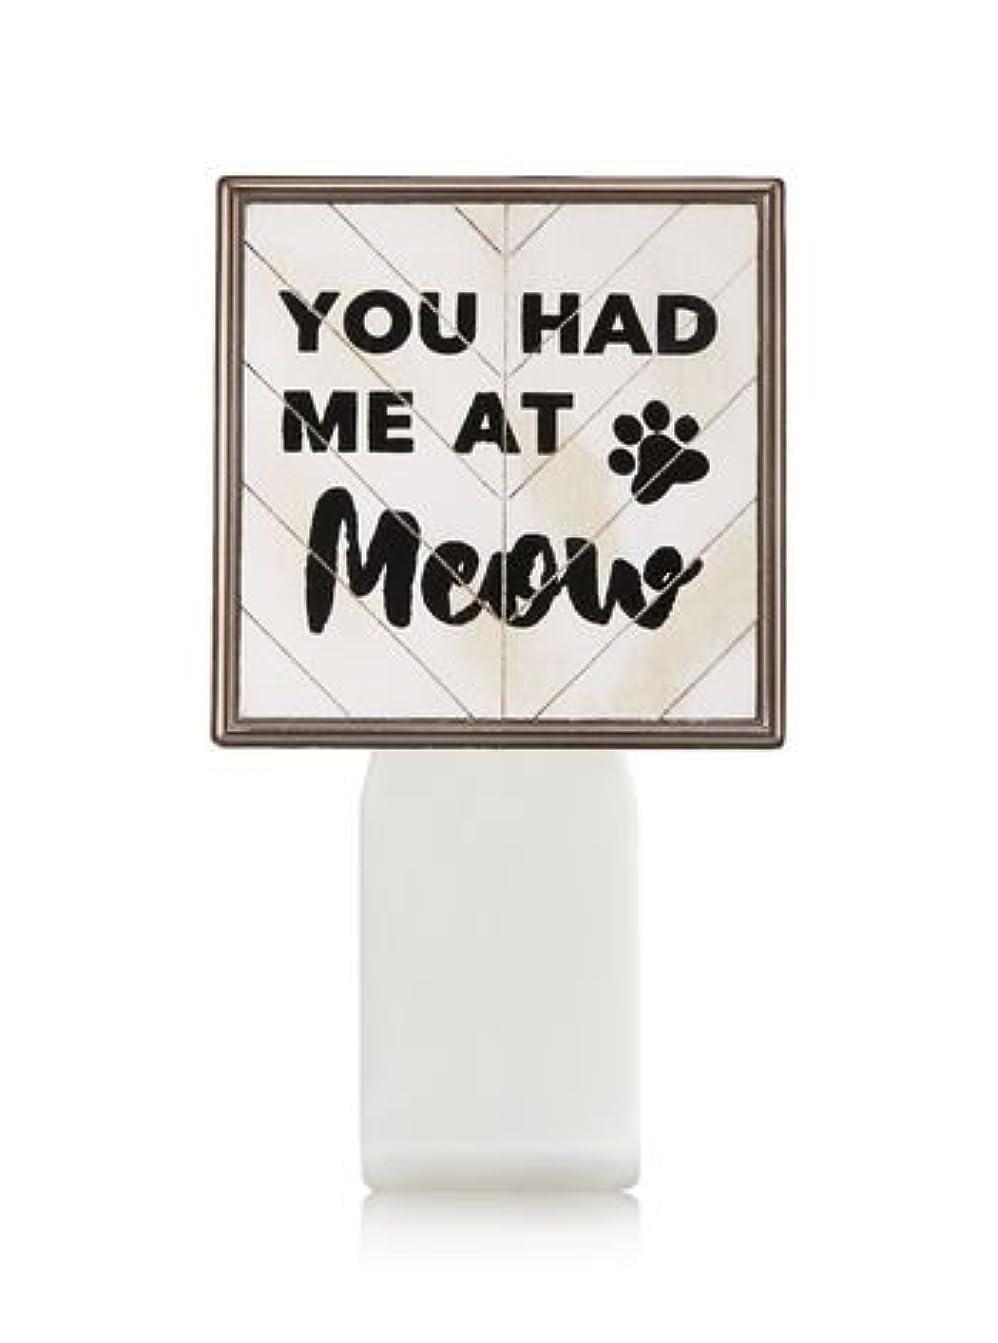 ボイコット色悩み【Bath&Body Works/バス&ボディワークス】 ルームフレグランス プラグインスターター (本体のみ) キャット シールド Wallflowers Fragrance Plug You Had Me At Meow [並行輸入品]